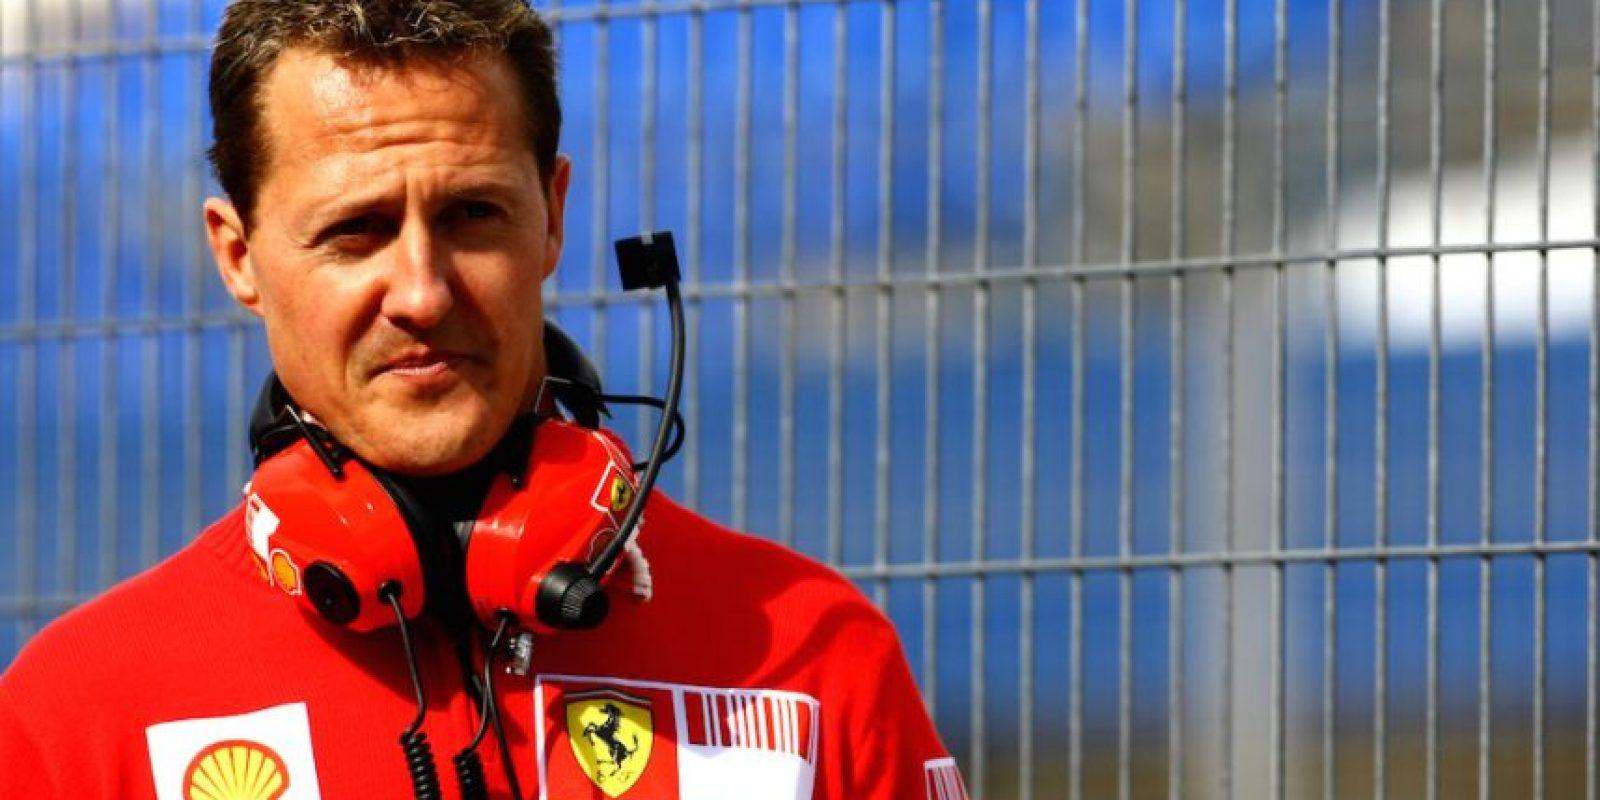 Schumacher consiguió el campeonato de la Fórmula 1 en cinco ocasiones, además de dos segundos lugares y un tercer puesto. Foto:Getty Images